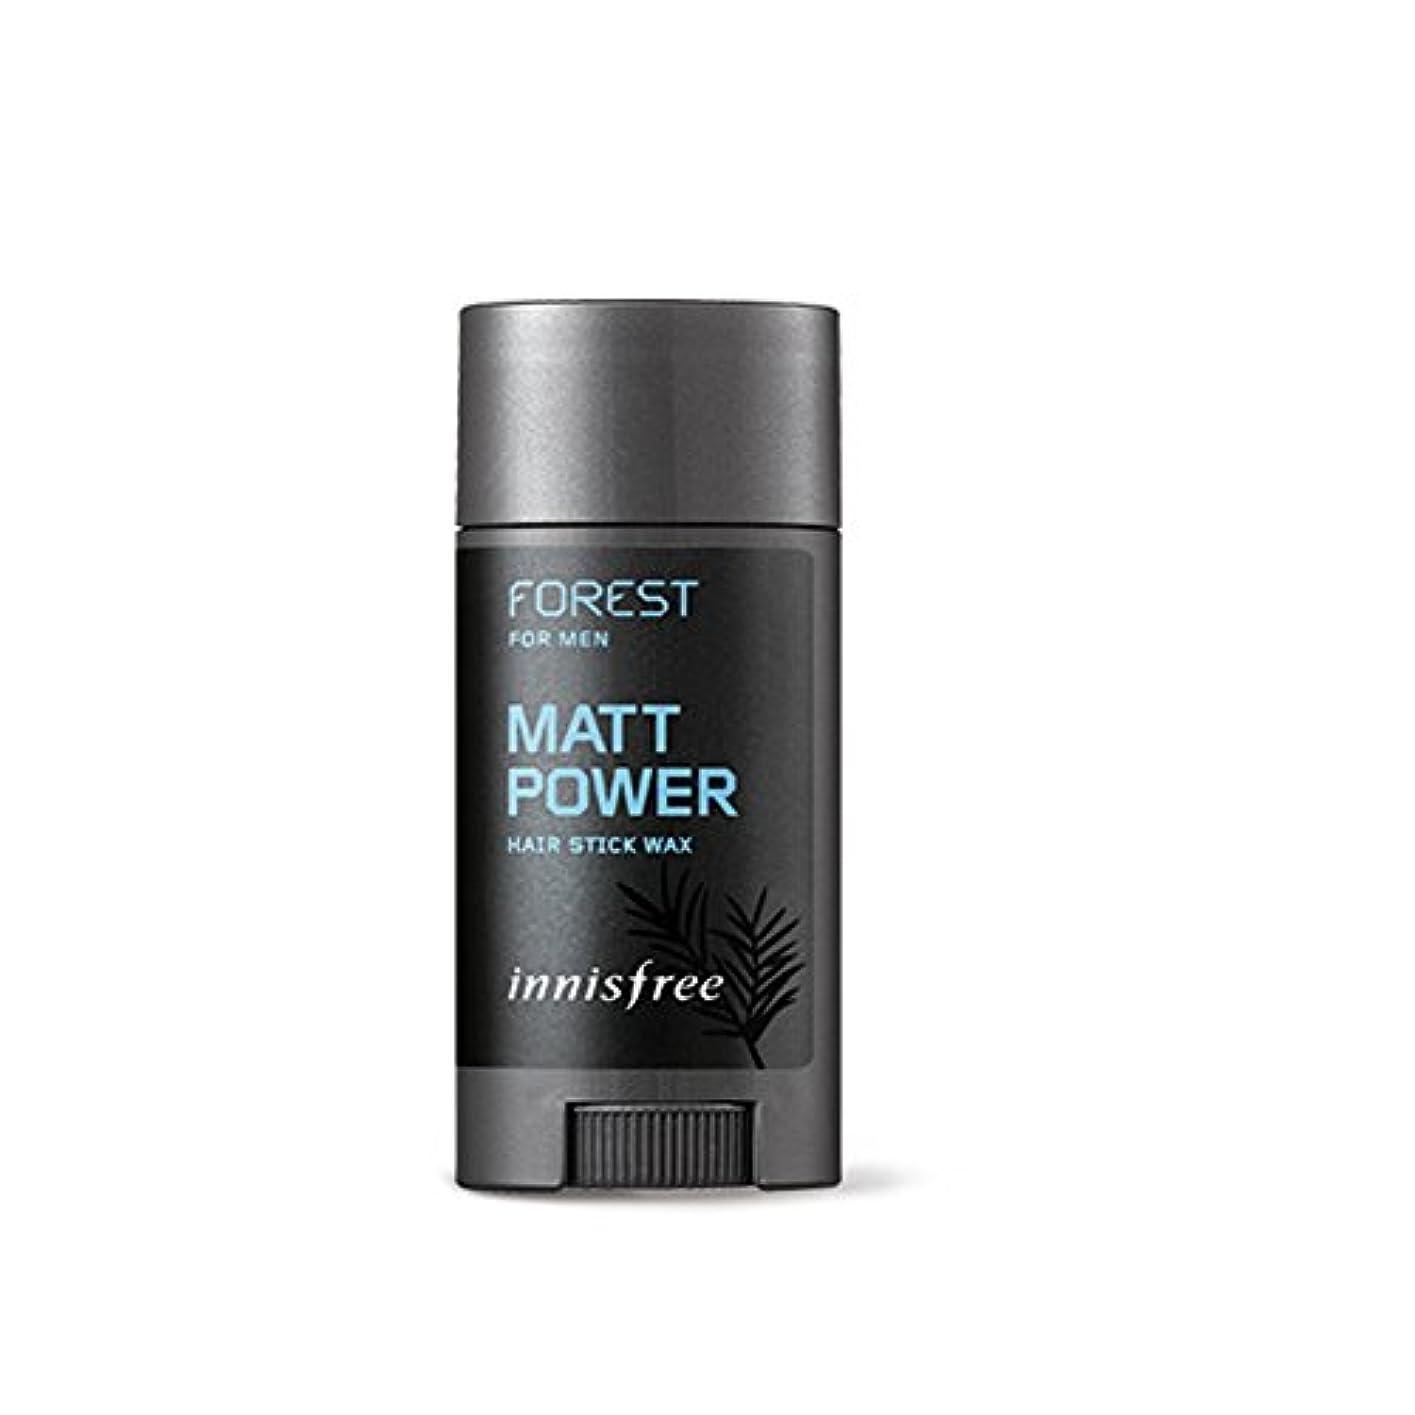 ゴージャス終わらせる聡明イニスフリーフォレストメンズヘアスティックワックス、マットパワー15g / Innisfree Forest for Men Hair Stick Wax, Matt Power 15g [並行輸入品][海外直送品]